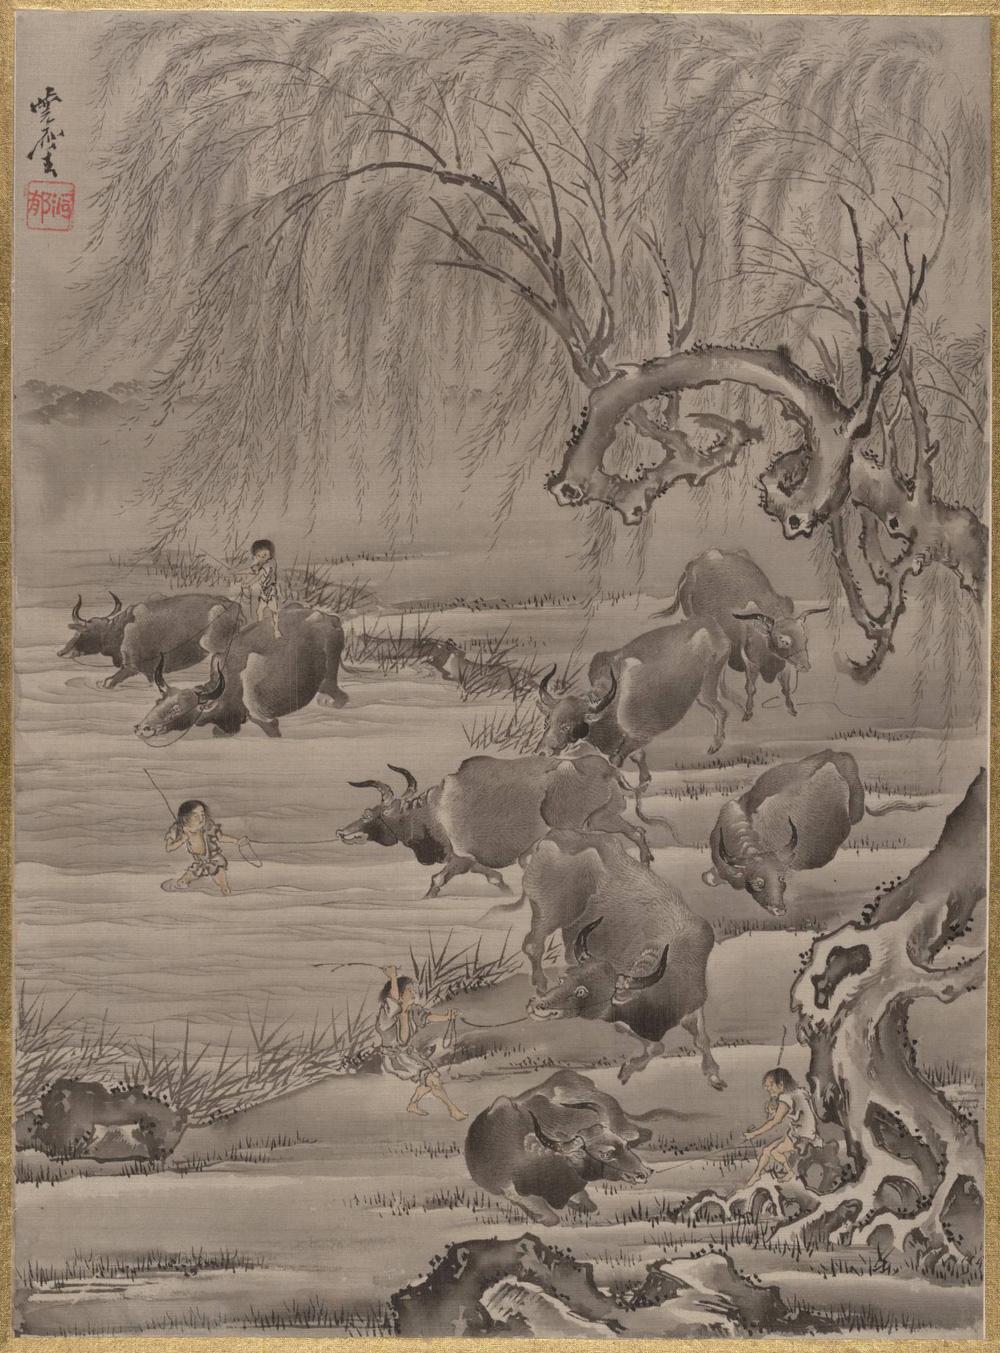 Hình tượng con trâu trong văn hóa Á Đông - Ảnh 4.